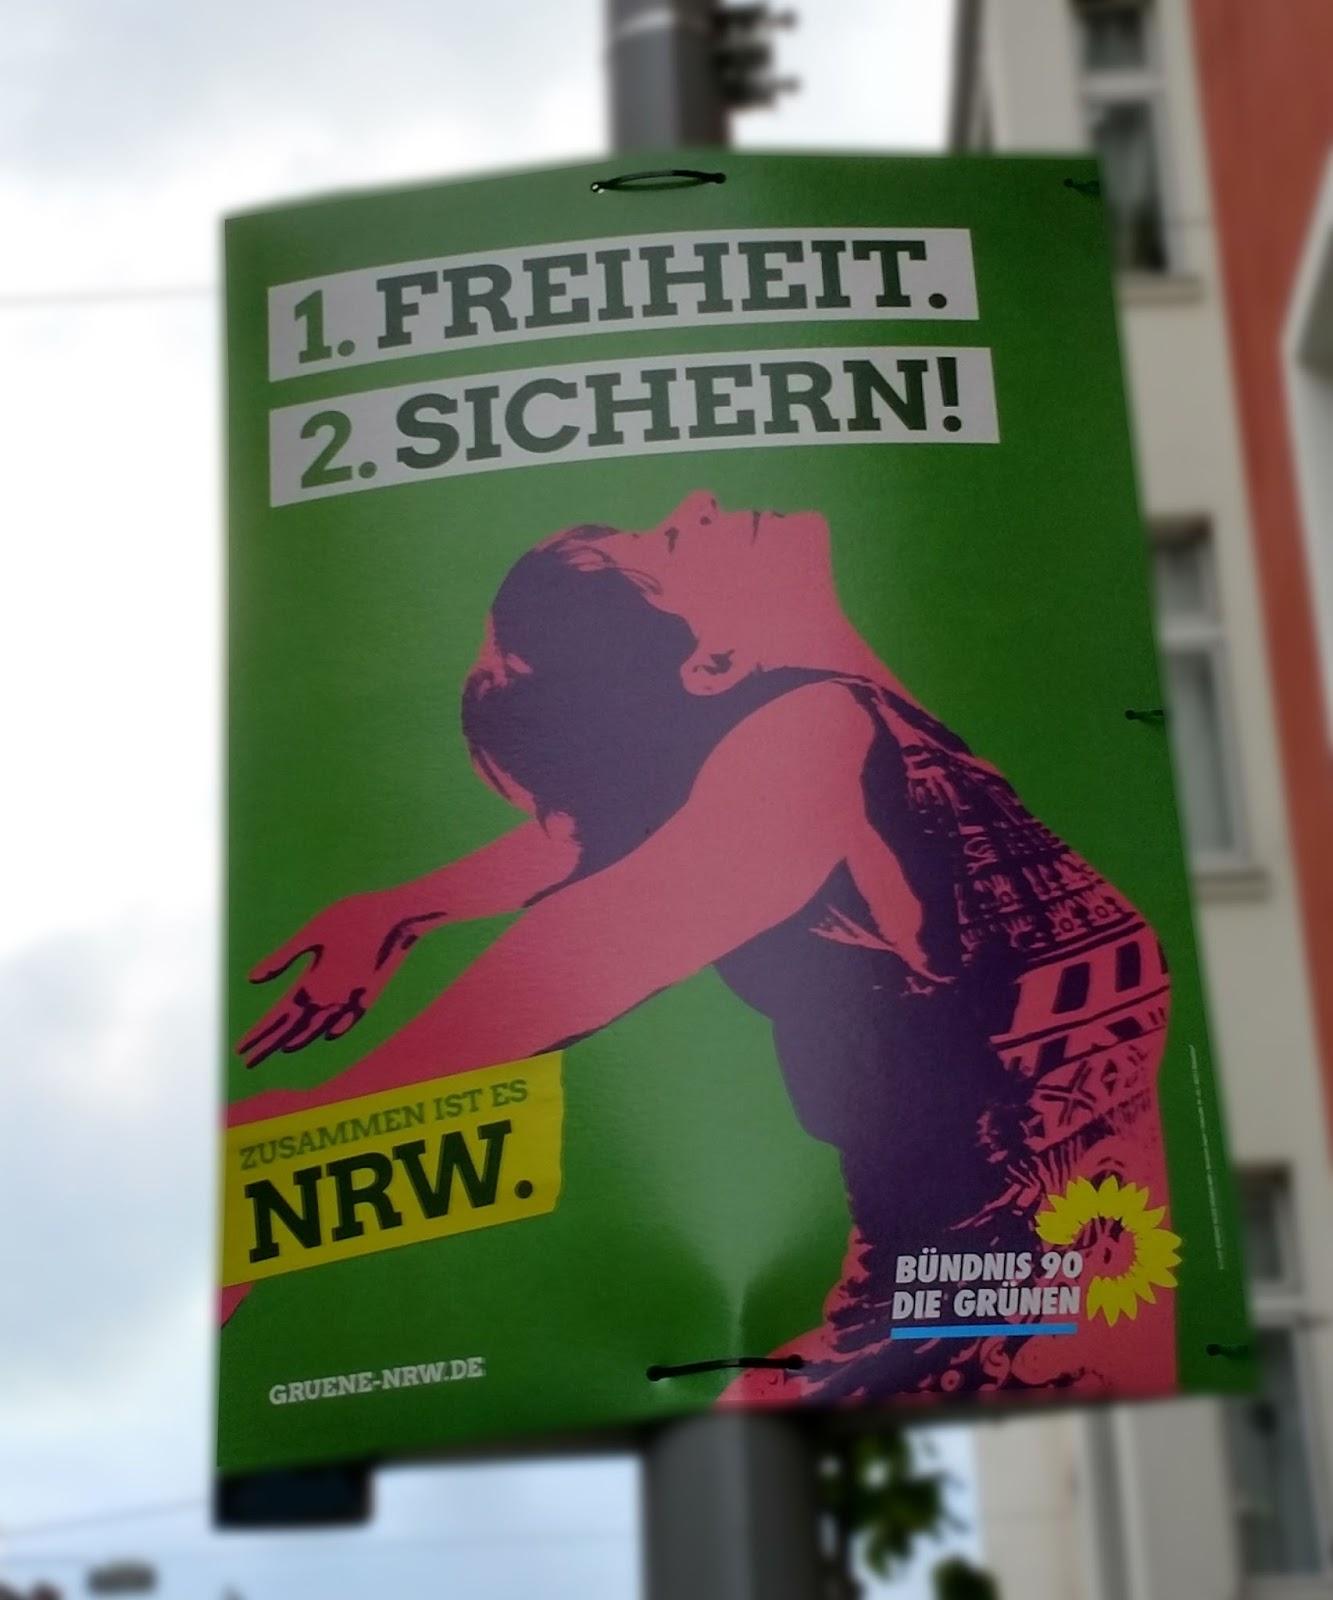 Zettels Kleines Zimmer zettels raum wahlplakate in nrw grün würgt